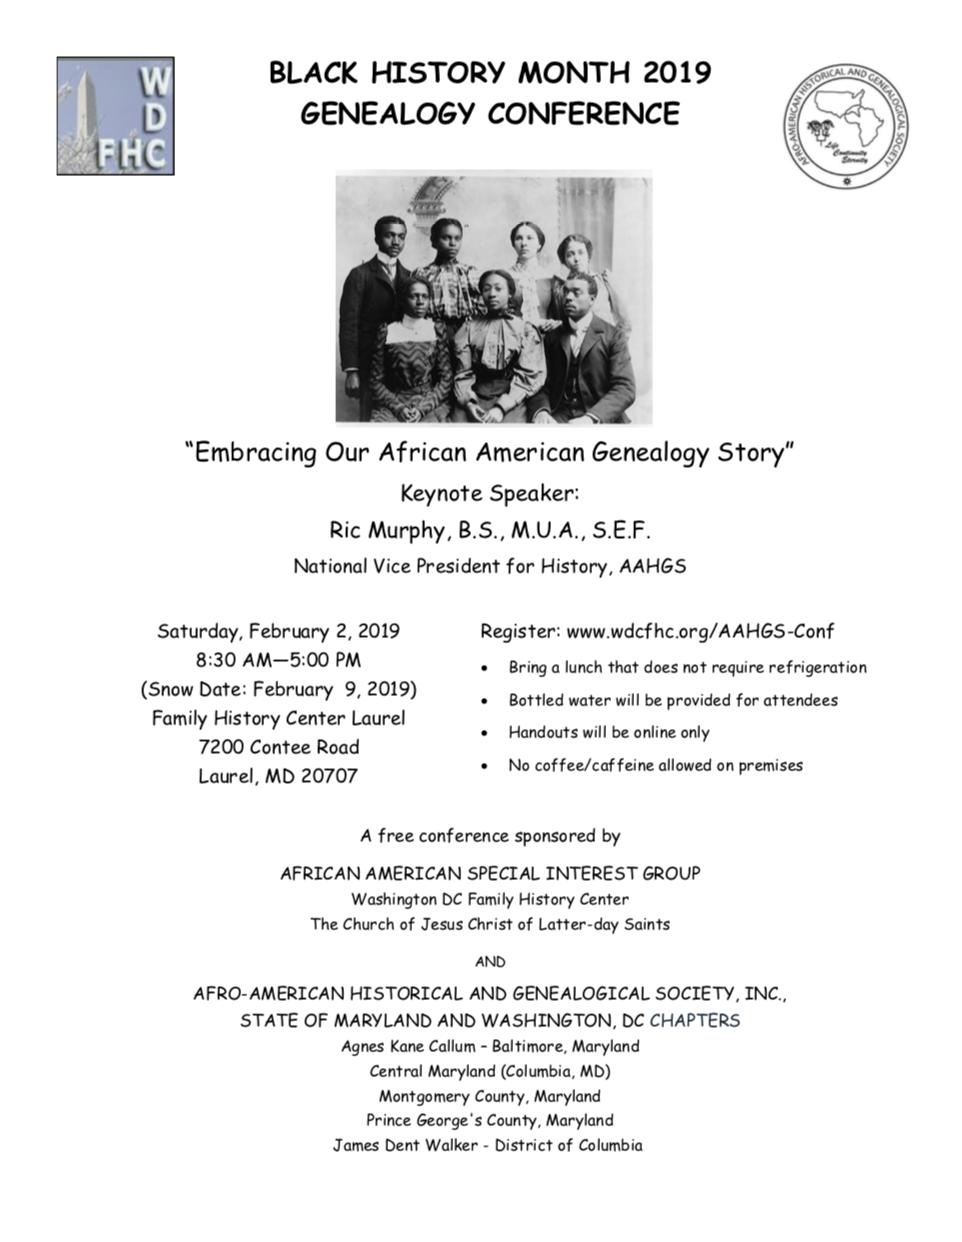 genealogyconf 2feb 8-30am-5pm